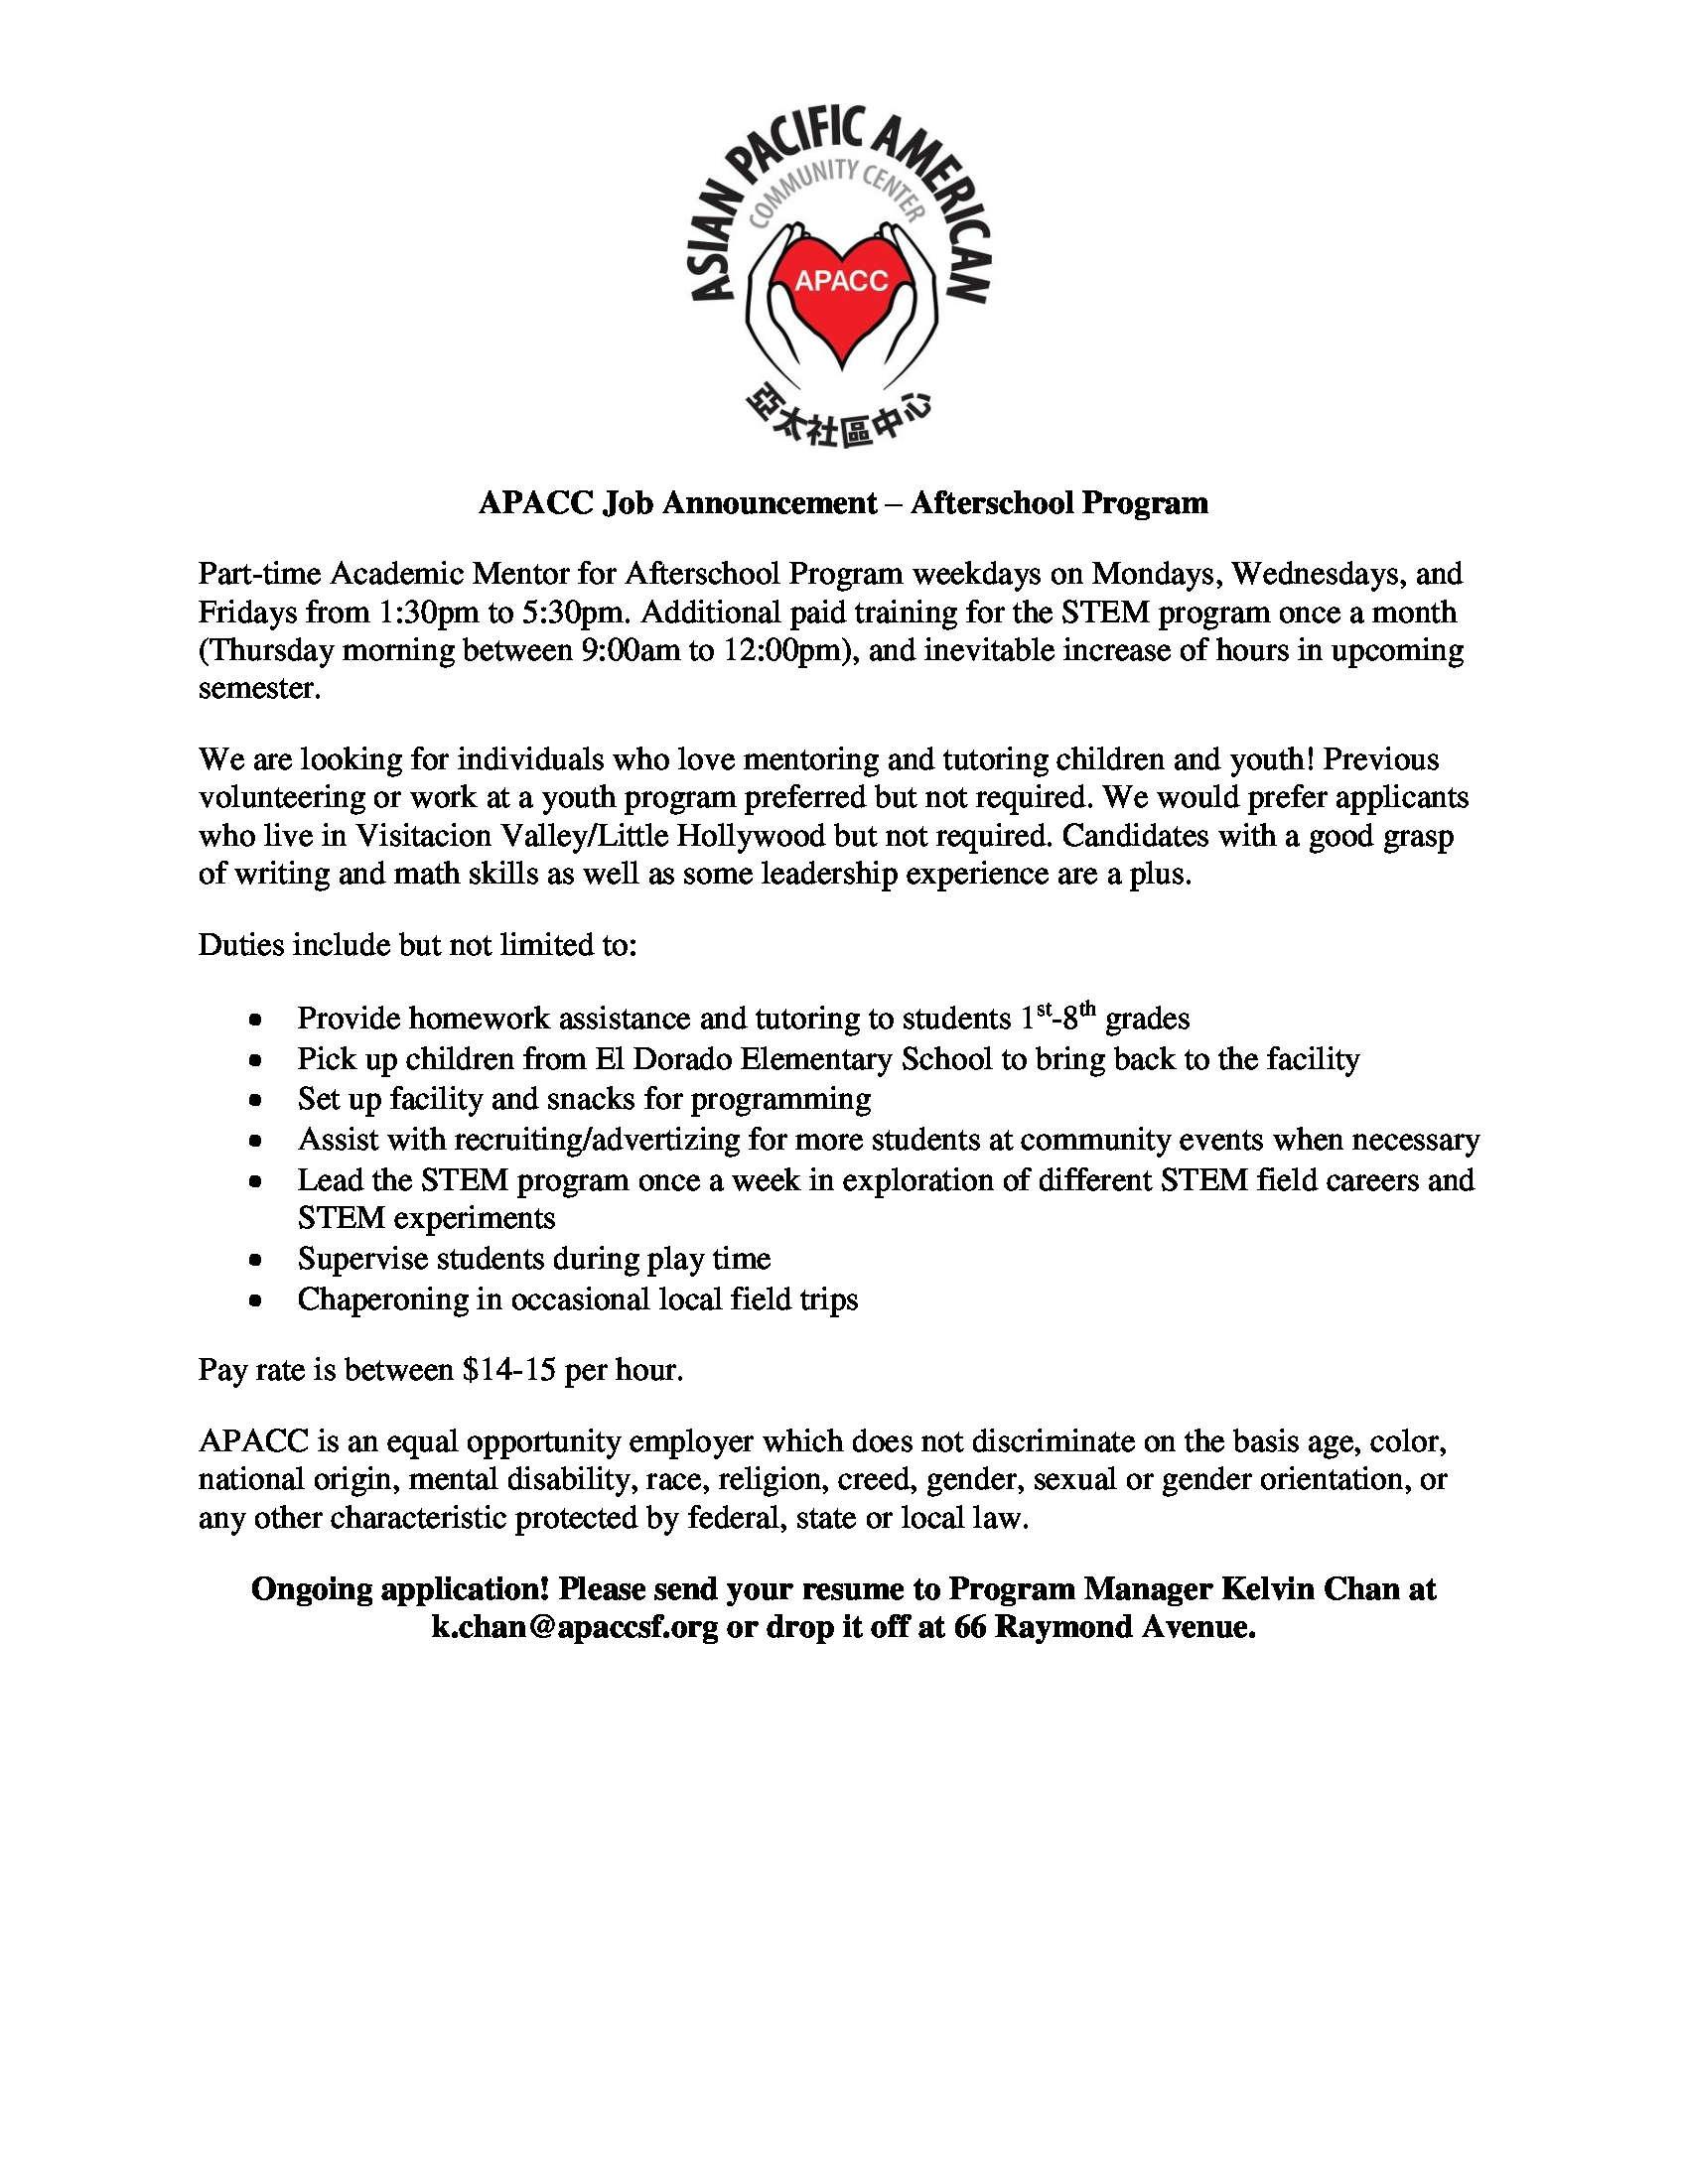 apacc-job-announcement – APACC